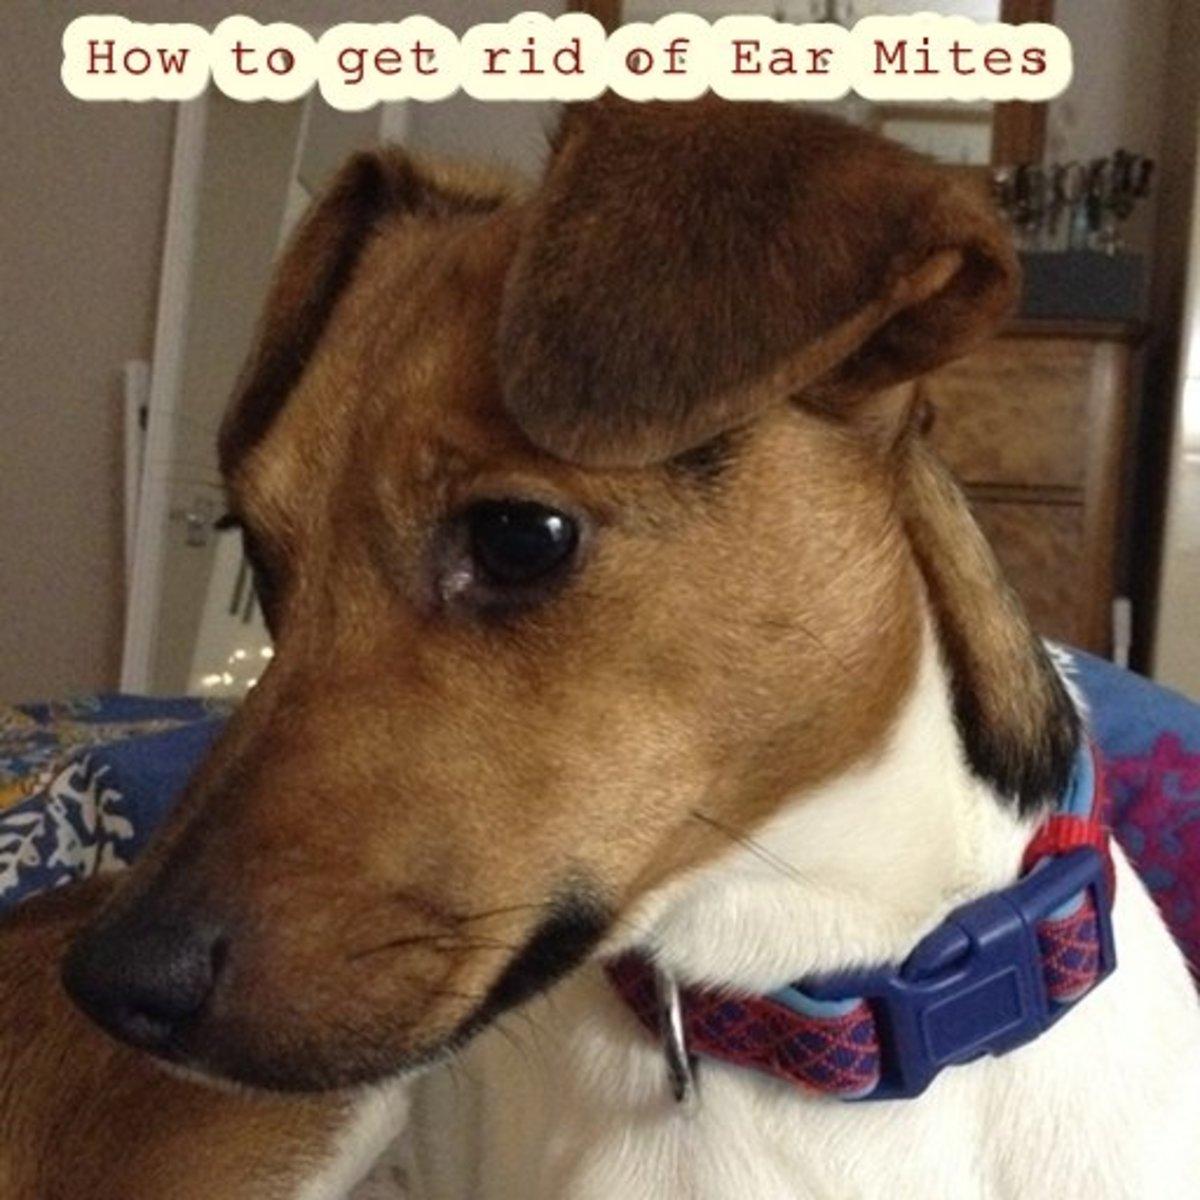 Pet Ear Mites: Diagnosis, Symptoms, Treatments